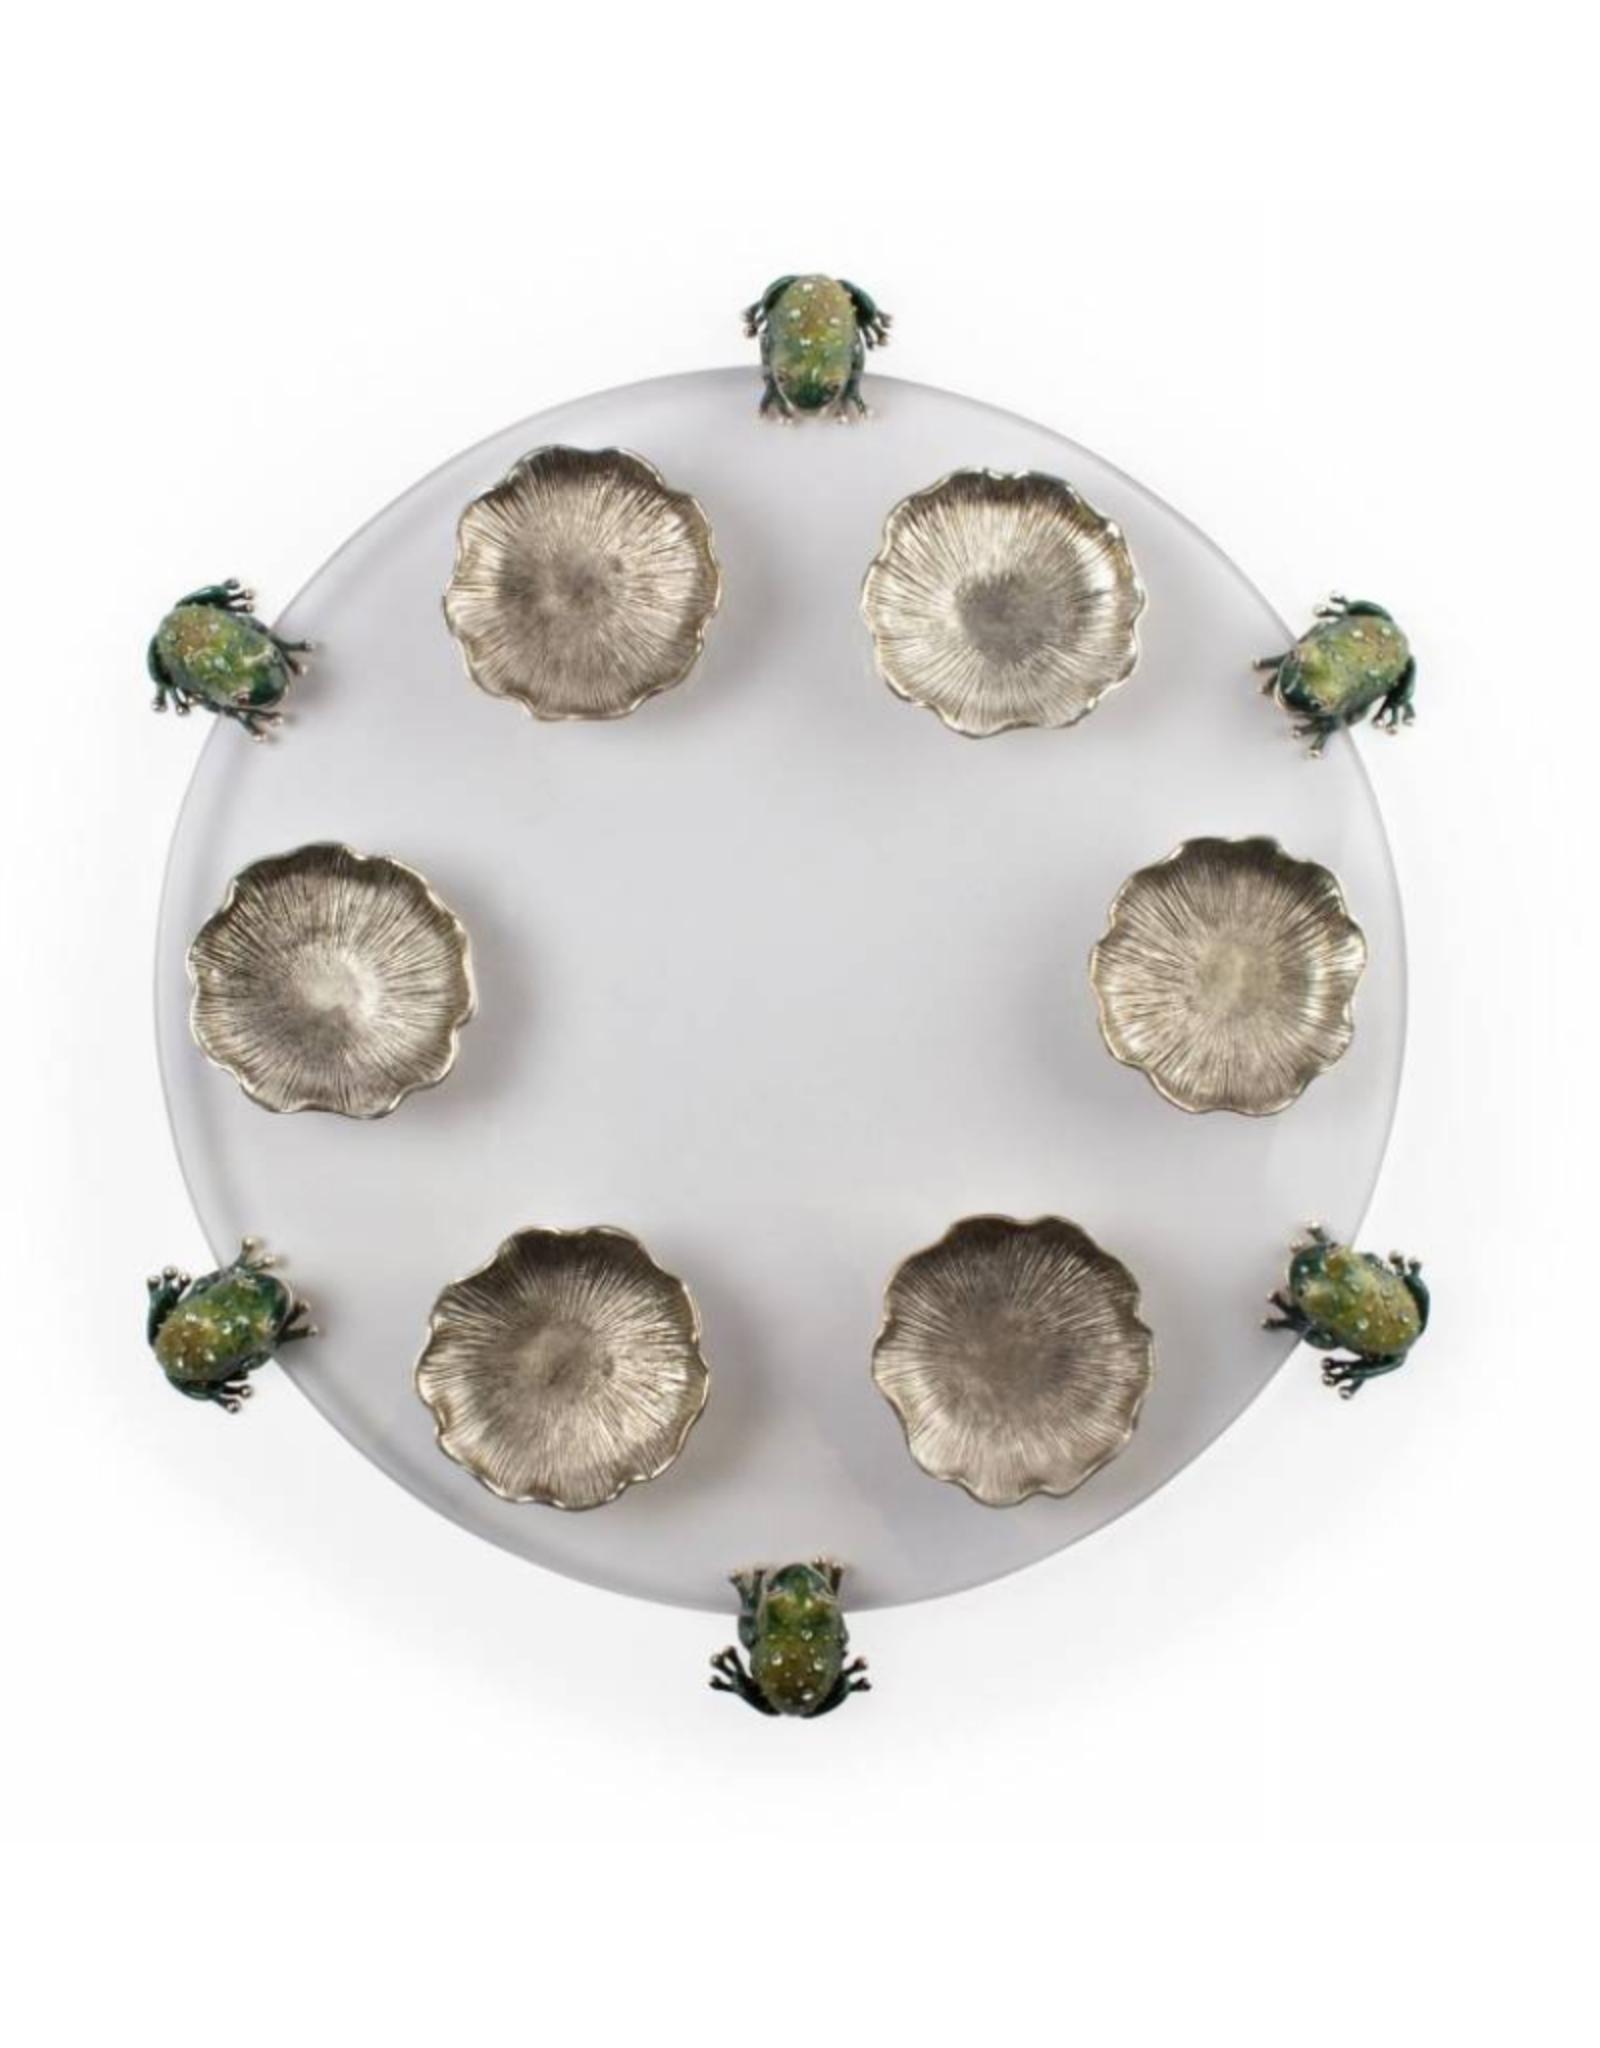 Frog Seder Plate